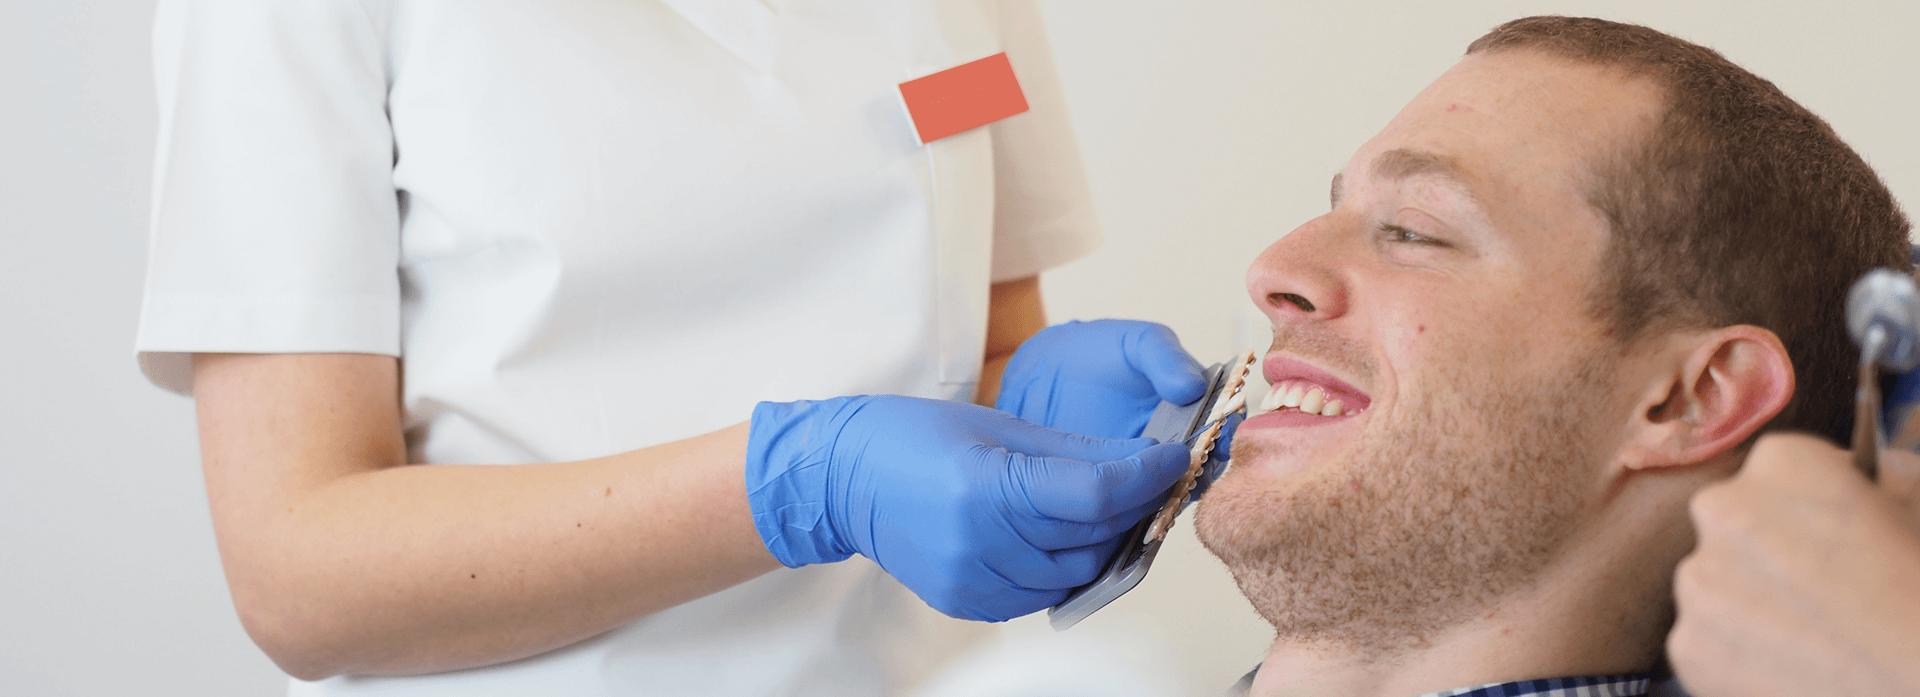 Faccette dentali Croazia - Centro Dentale Štimac